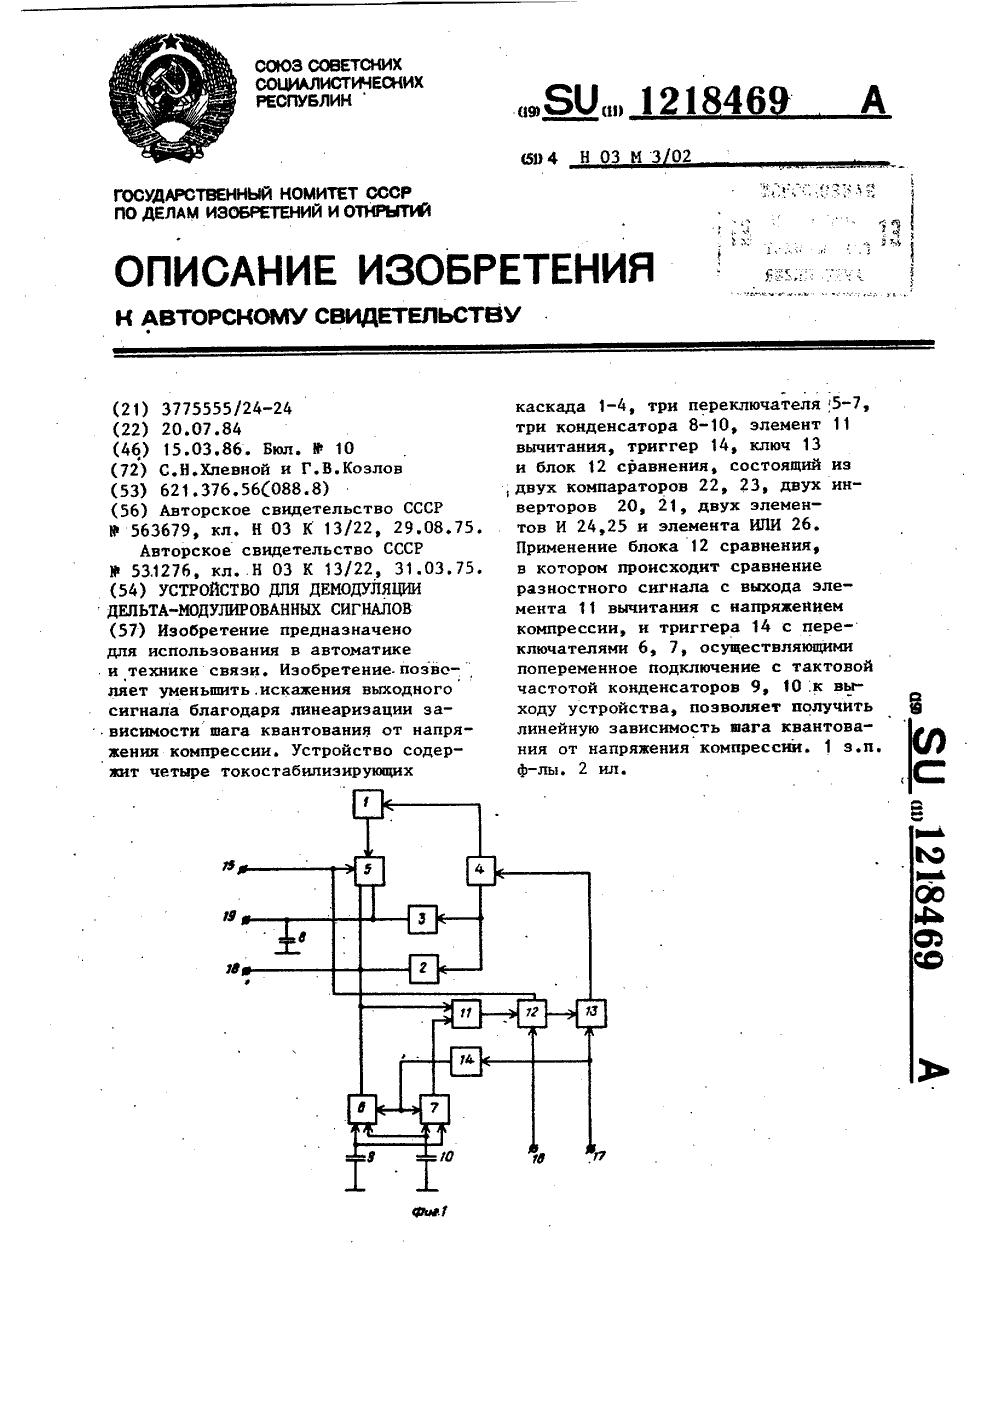 схема фильтра для антен дельта